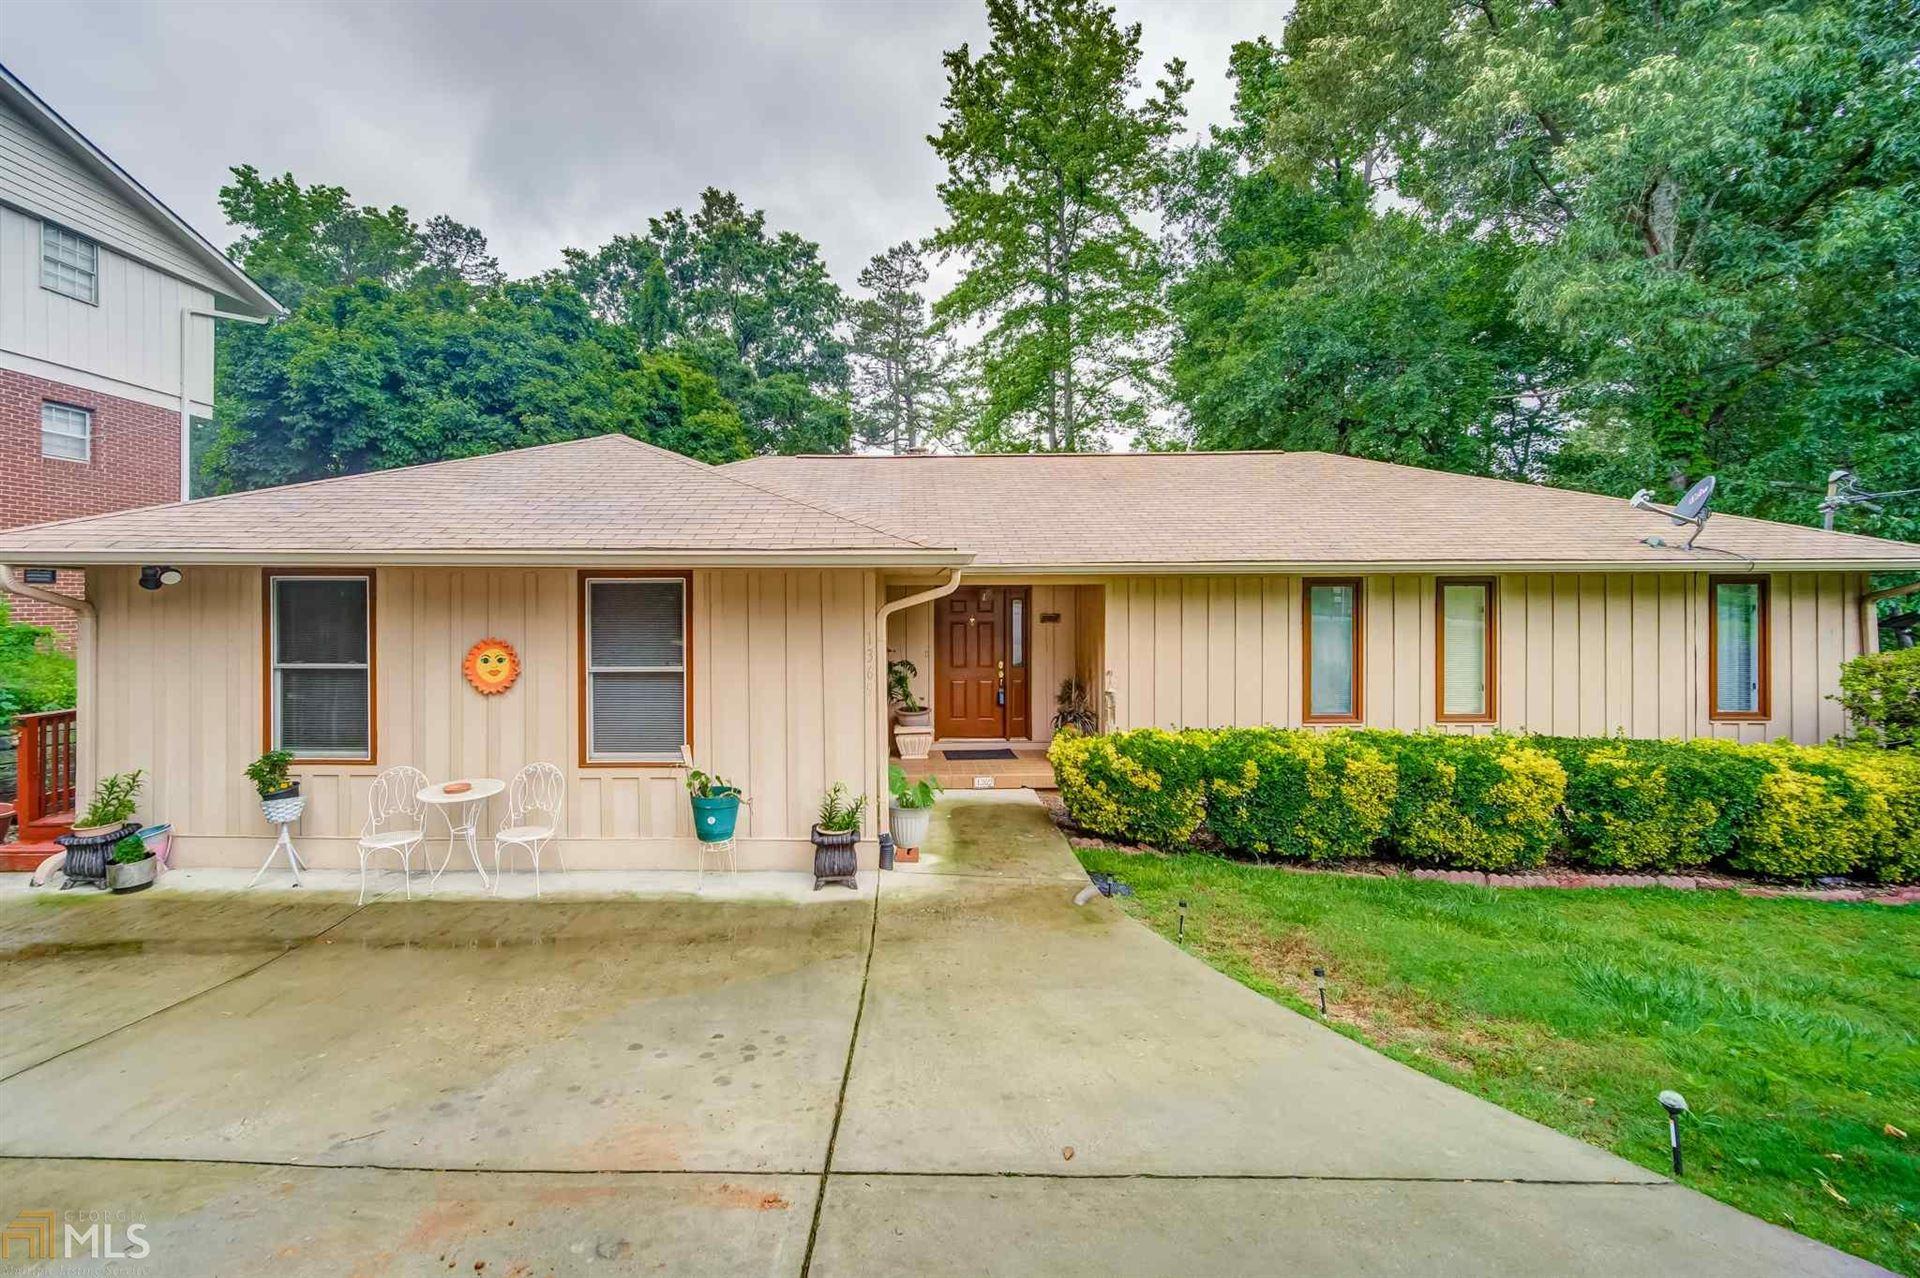 1369 Vine St, Gainesville, GA 30501 - #: 8794295